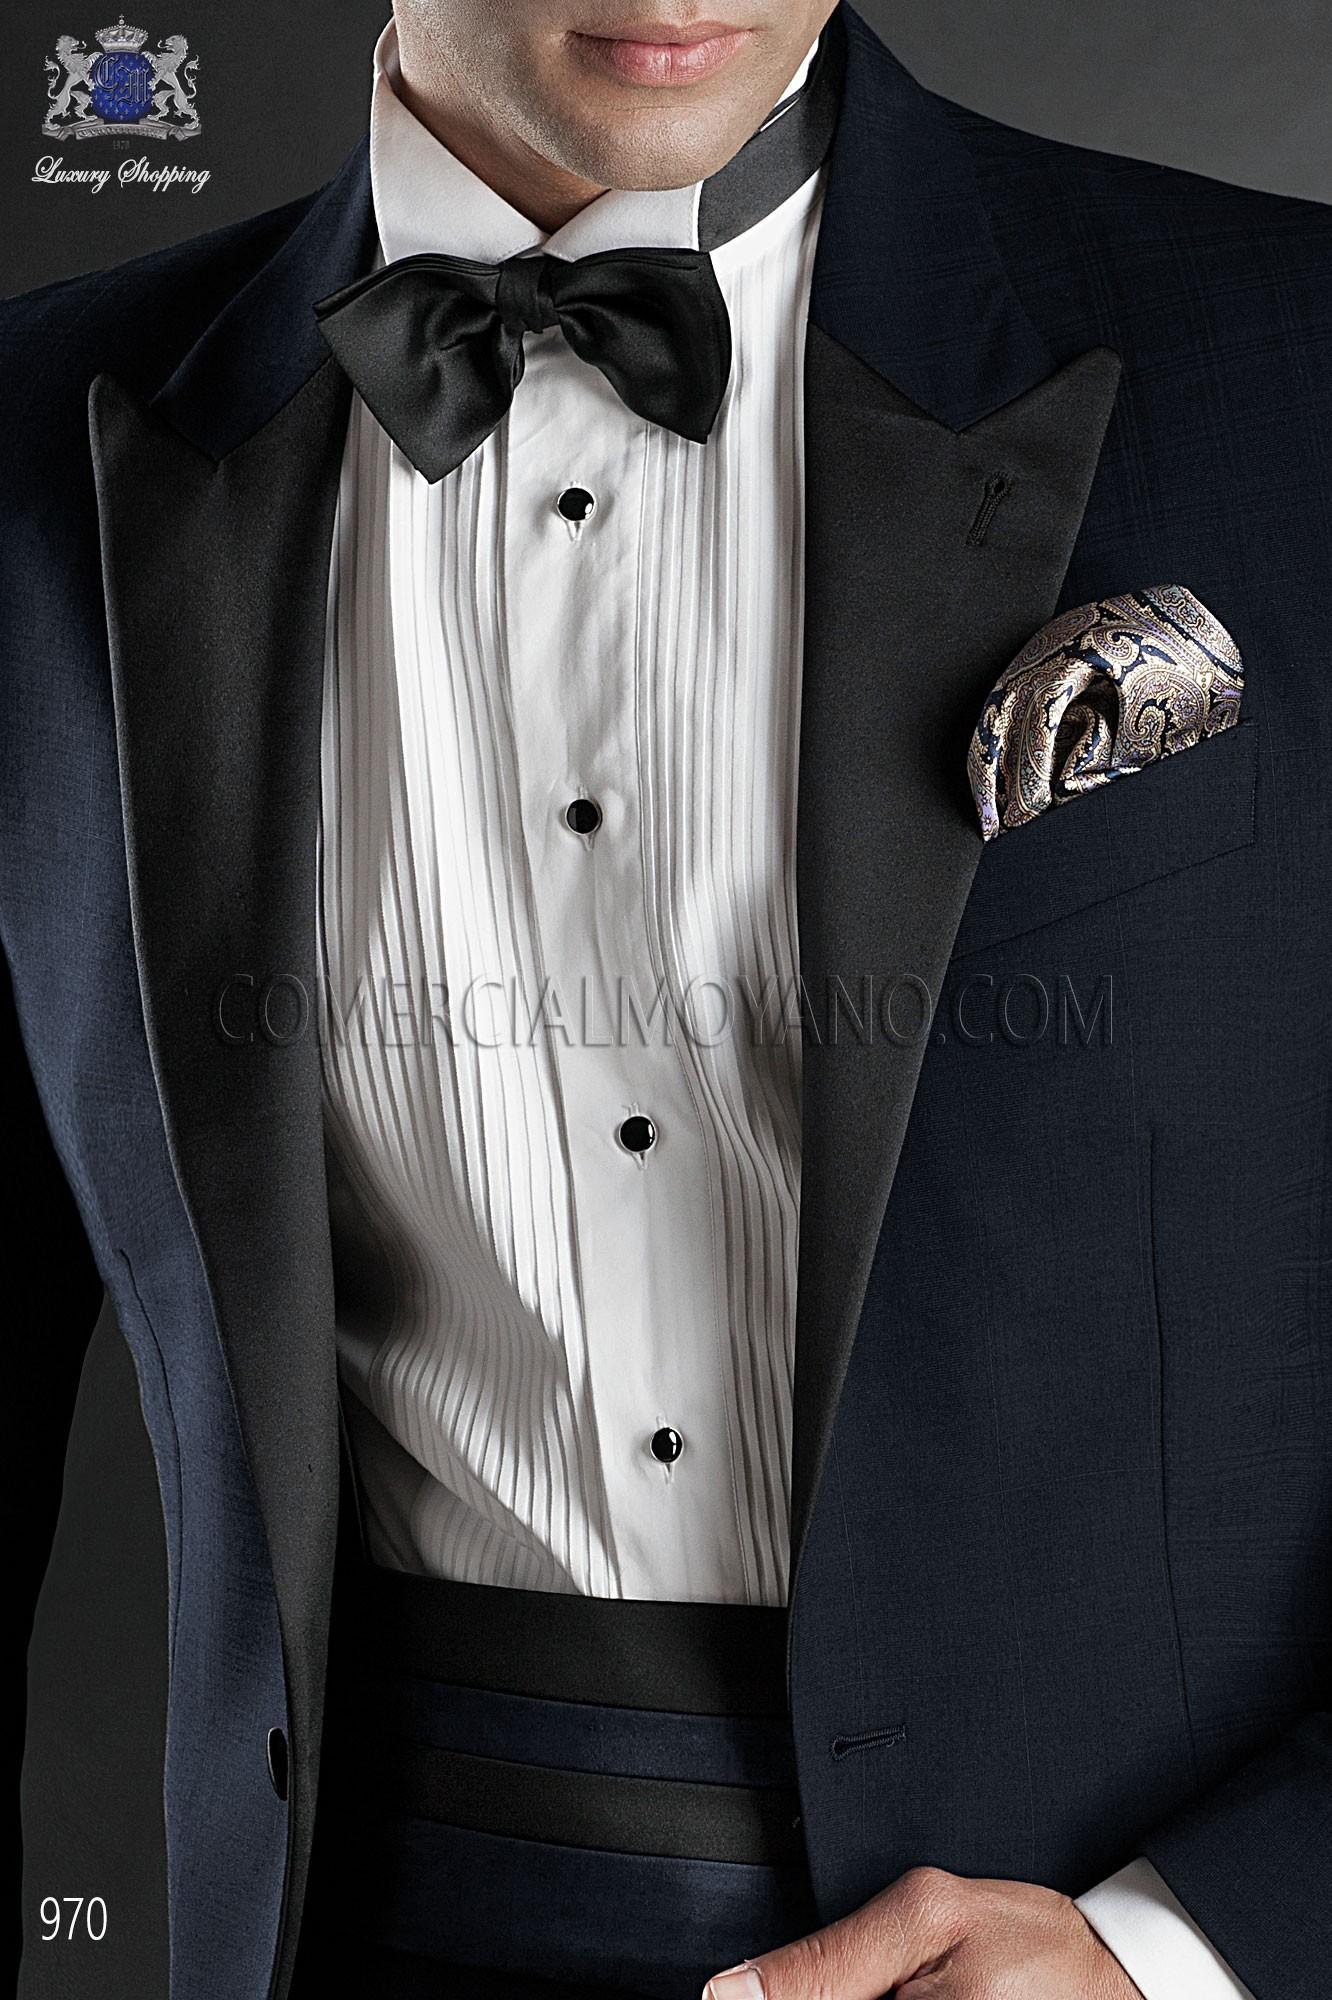 Italian blacktie blue men wedding suit, model: 970 Ottavio Nuccio Gala Black Tie Collection